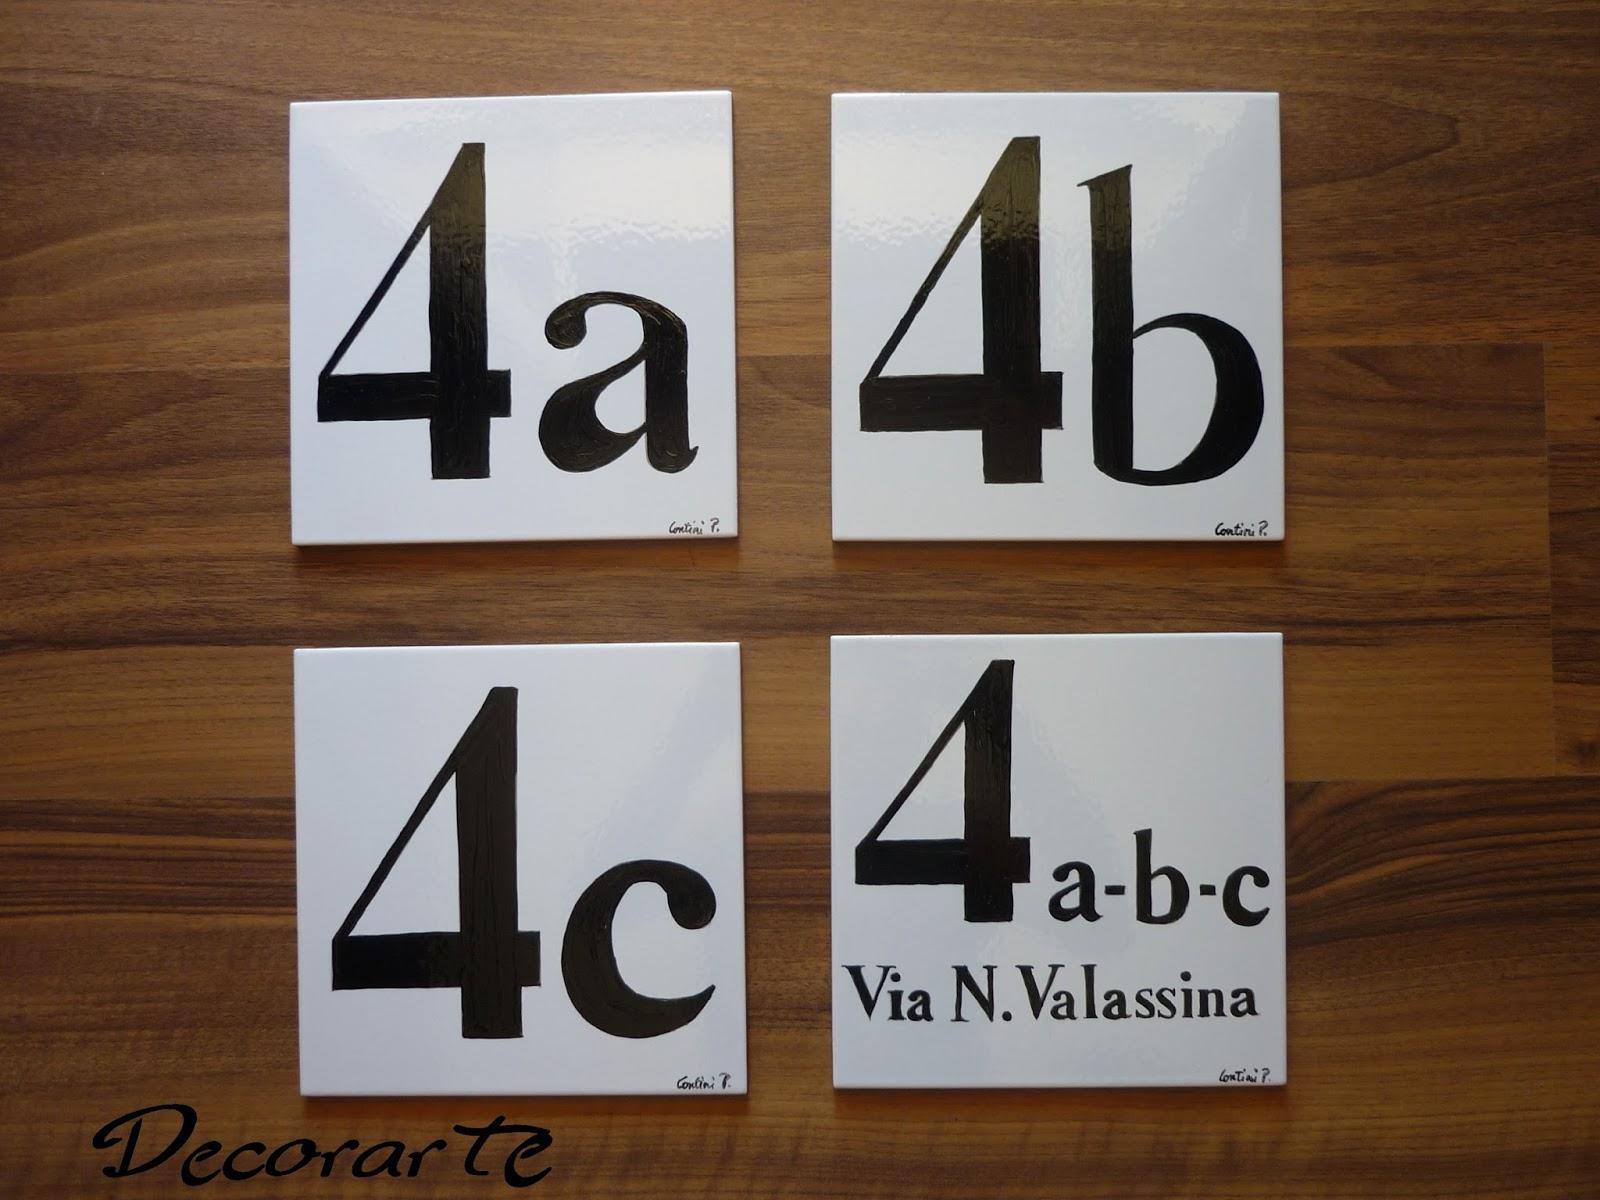 Numeri civici personalizzati: numeri civici classici su piastrelle